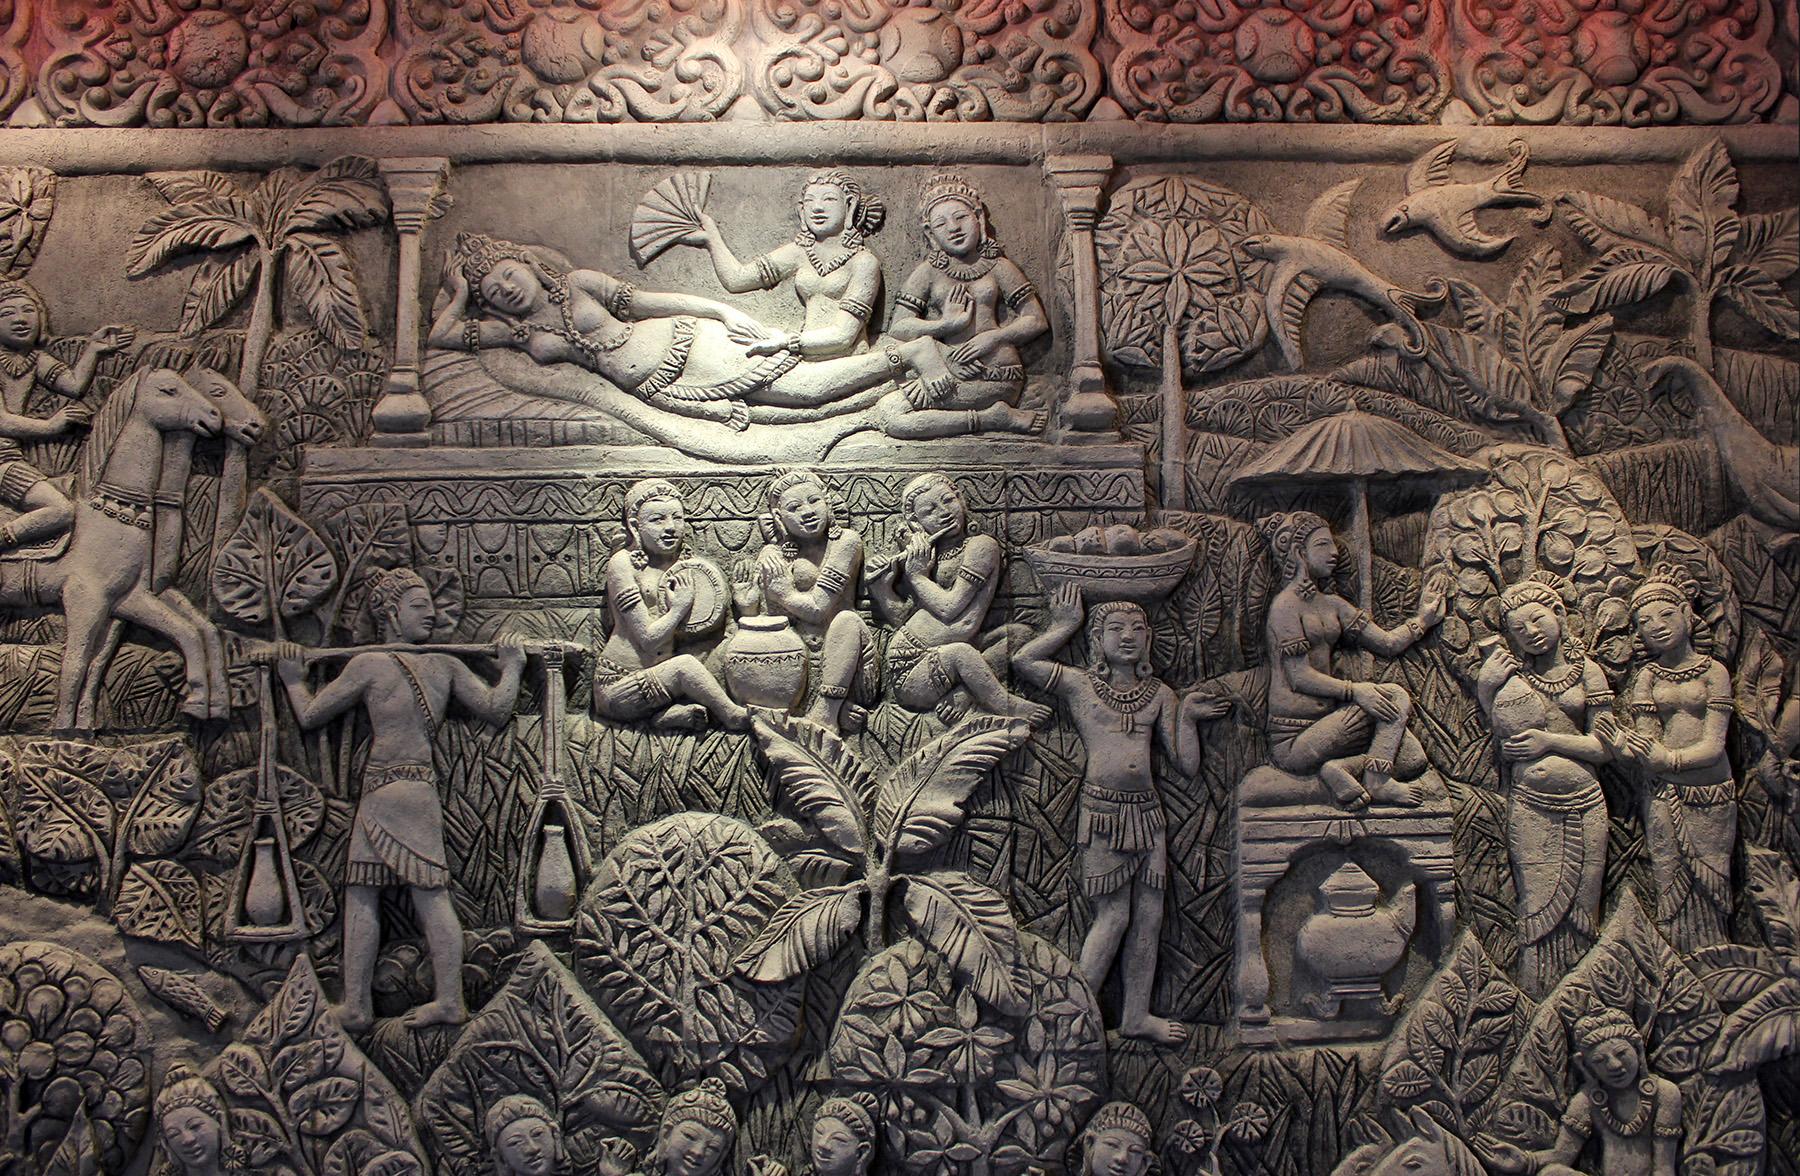 Скульптурное панно Бирма. Автор Елена Афти. материал шамотная глина.